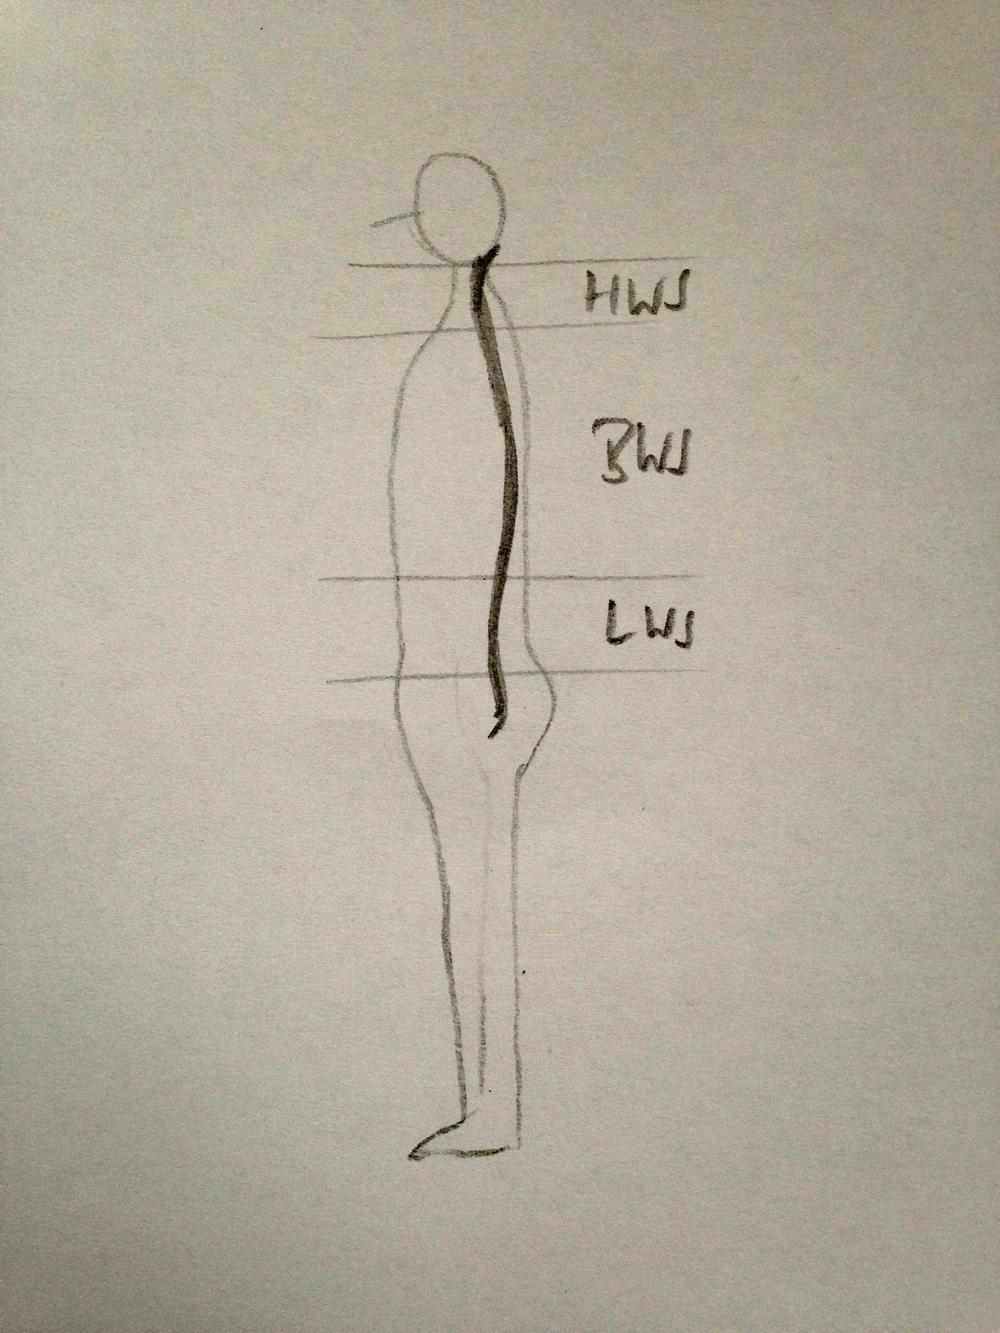 Beschreibung der Abschnitte der Wirbelsäule und deren Kurven: Lordose der Halswirbelsäule HWS, Kyphose der Brustwirbelsäule BWS, Lordose der Lendenwirbelsäule LWS sowie Kypohse des Steißbeinbereichs